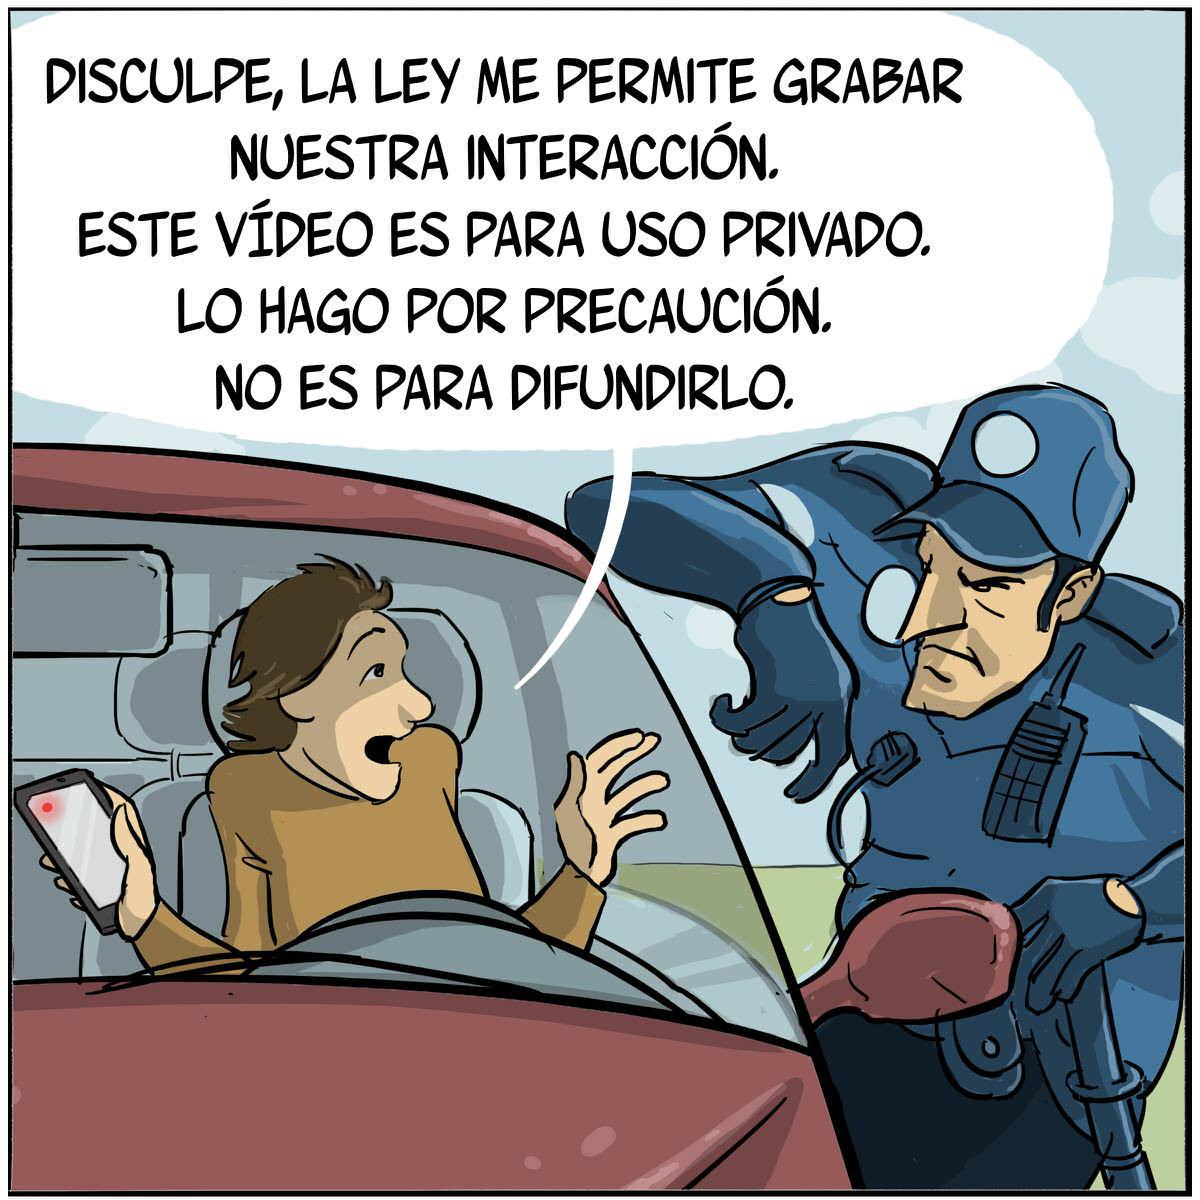 Está permitido grabar a los policías y guardias civiles.